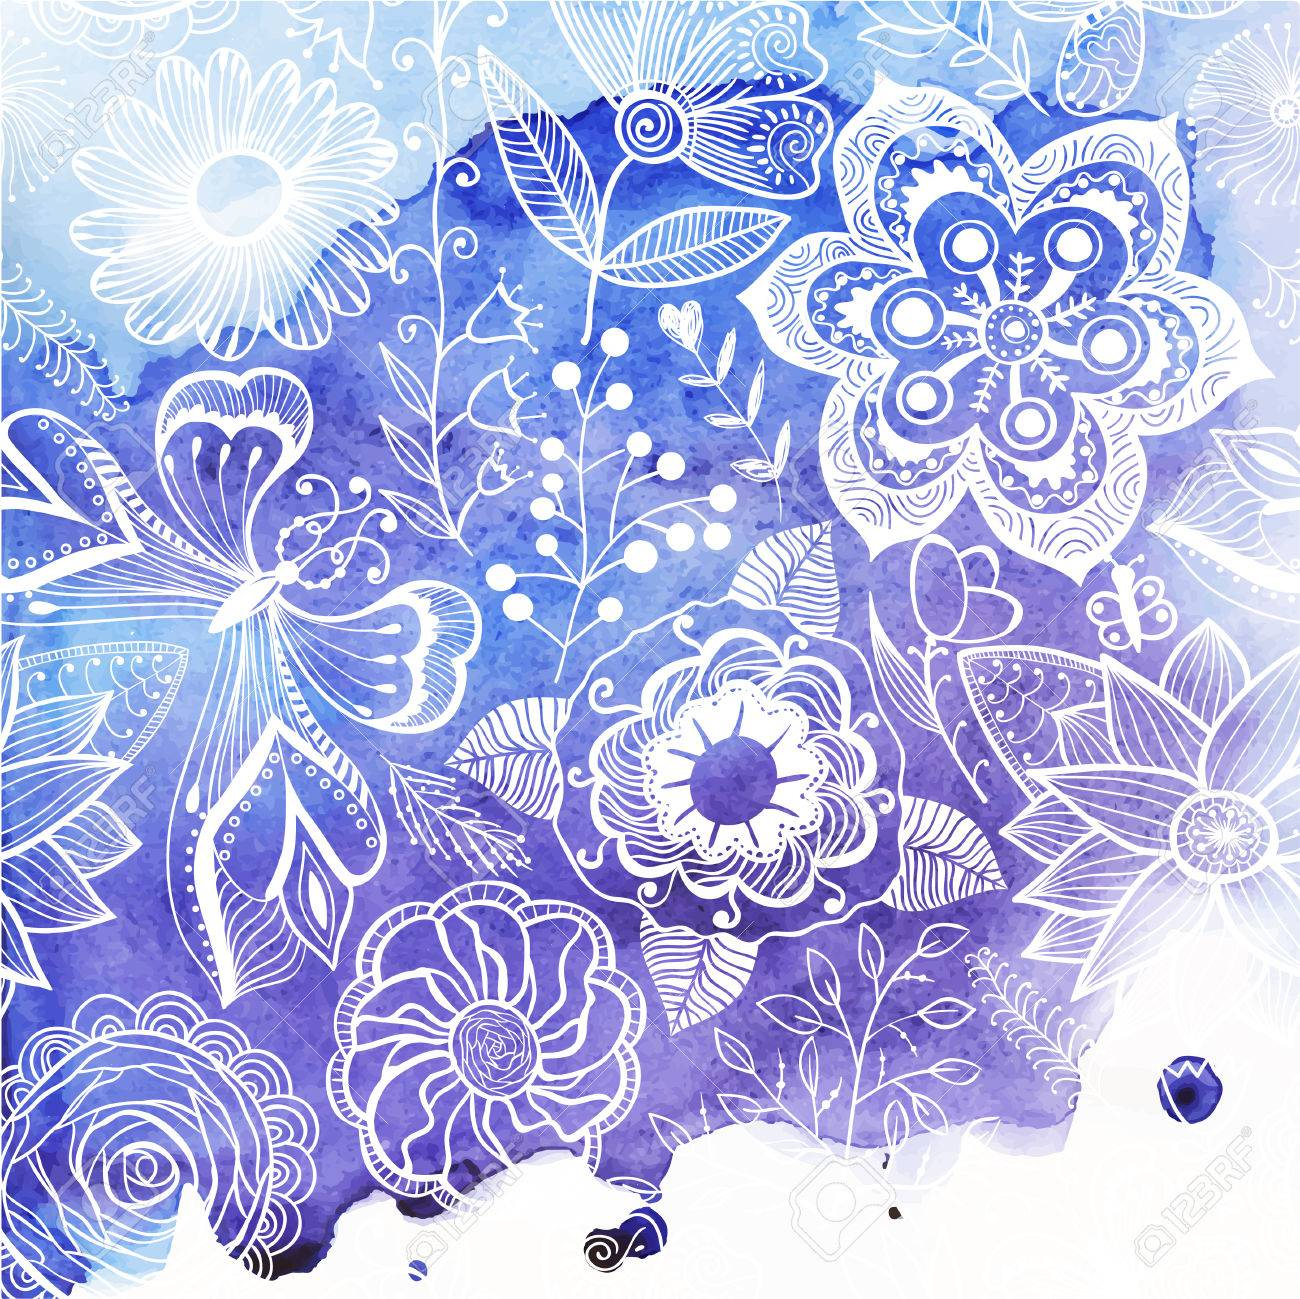 Вектор акварель текстуры с цветочным орнаментом. Мокрой бумаге. Blobs, пятно, краски кляксу. Похоже, океанской воды или неба, мо